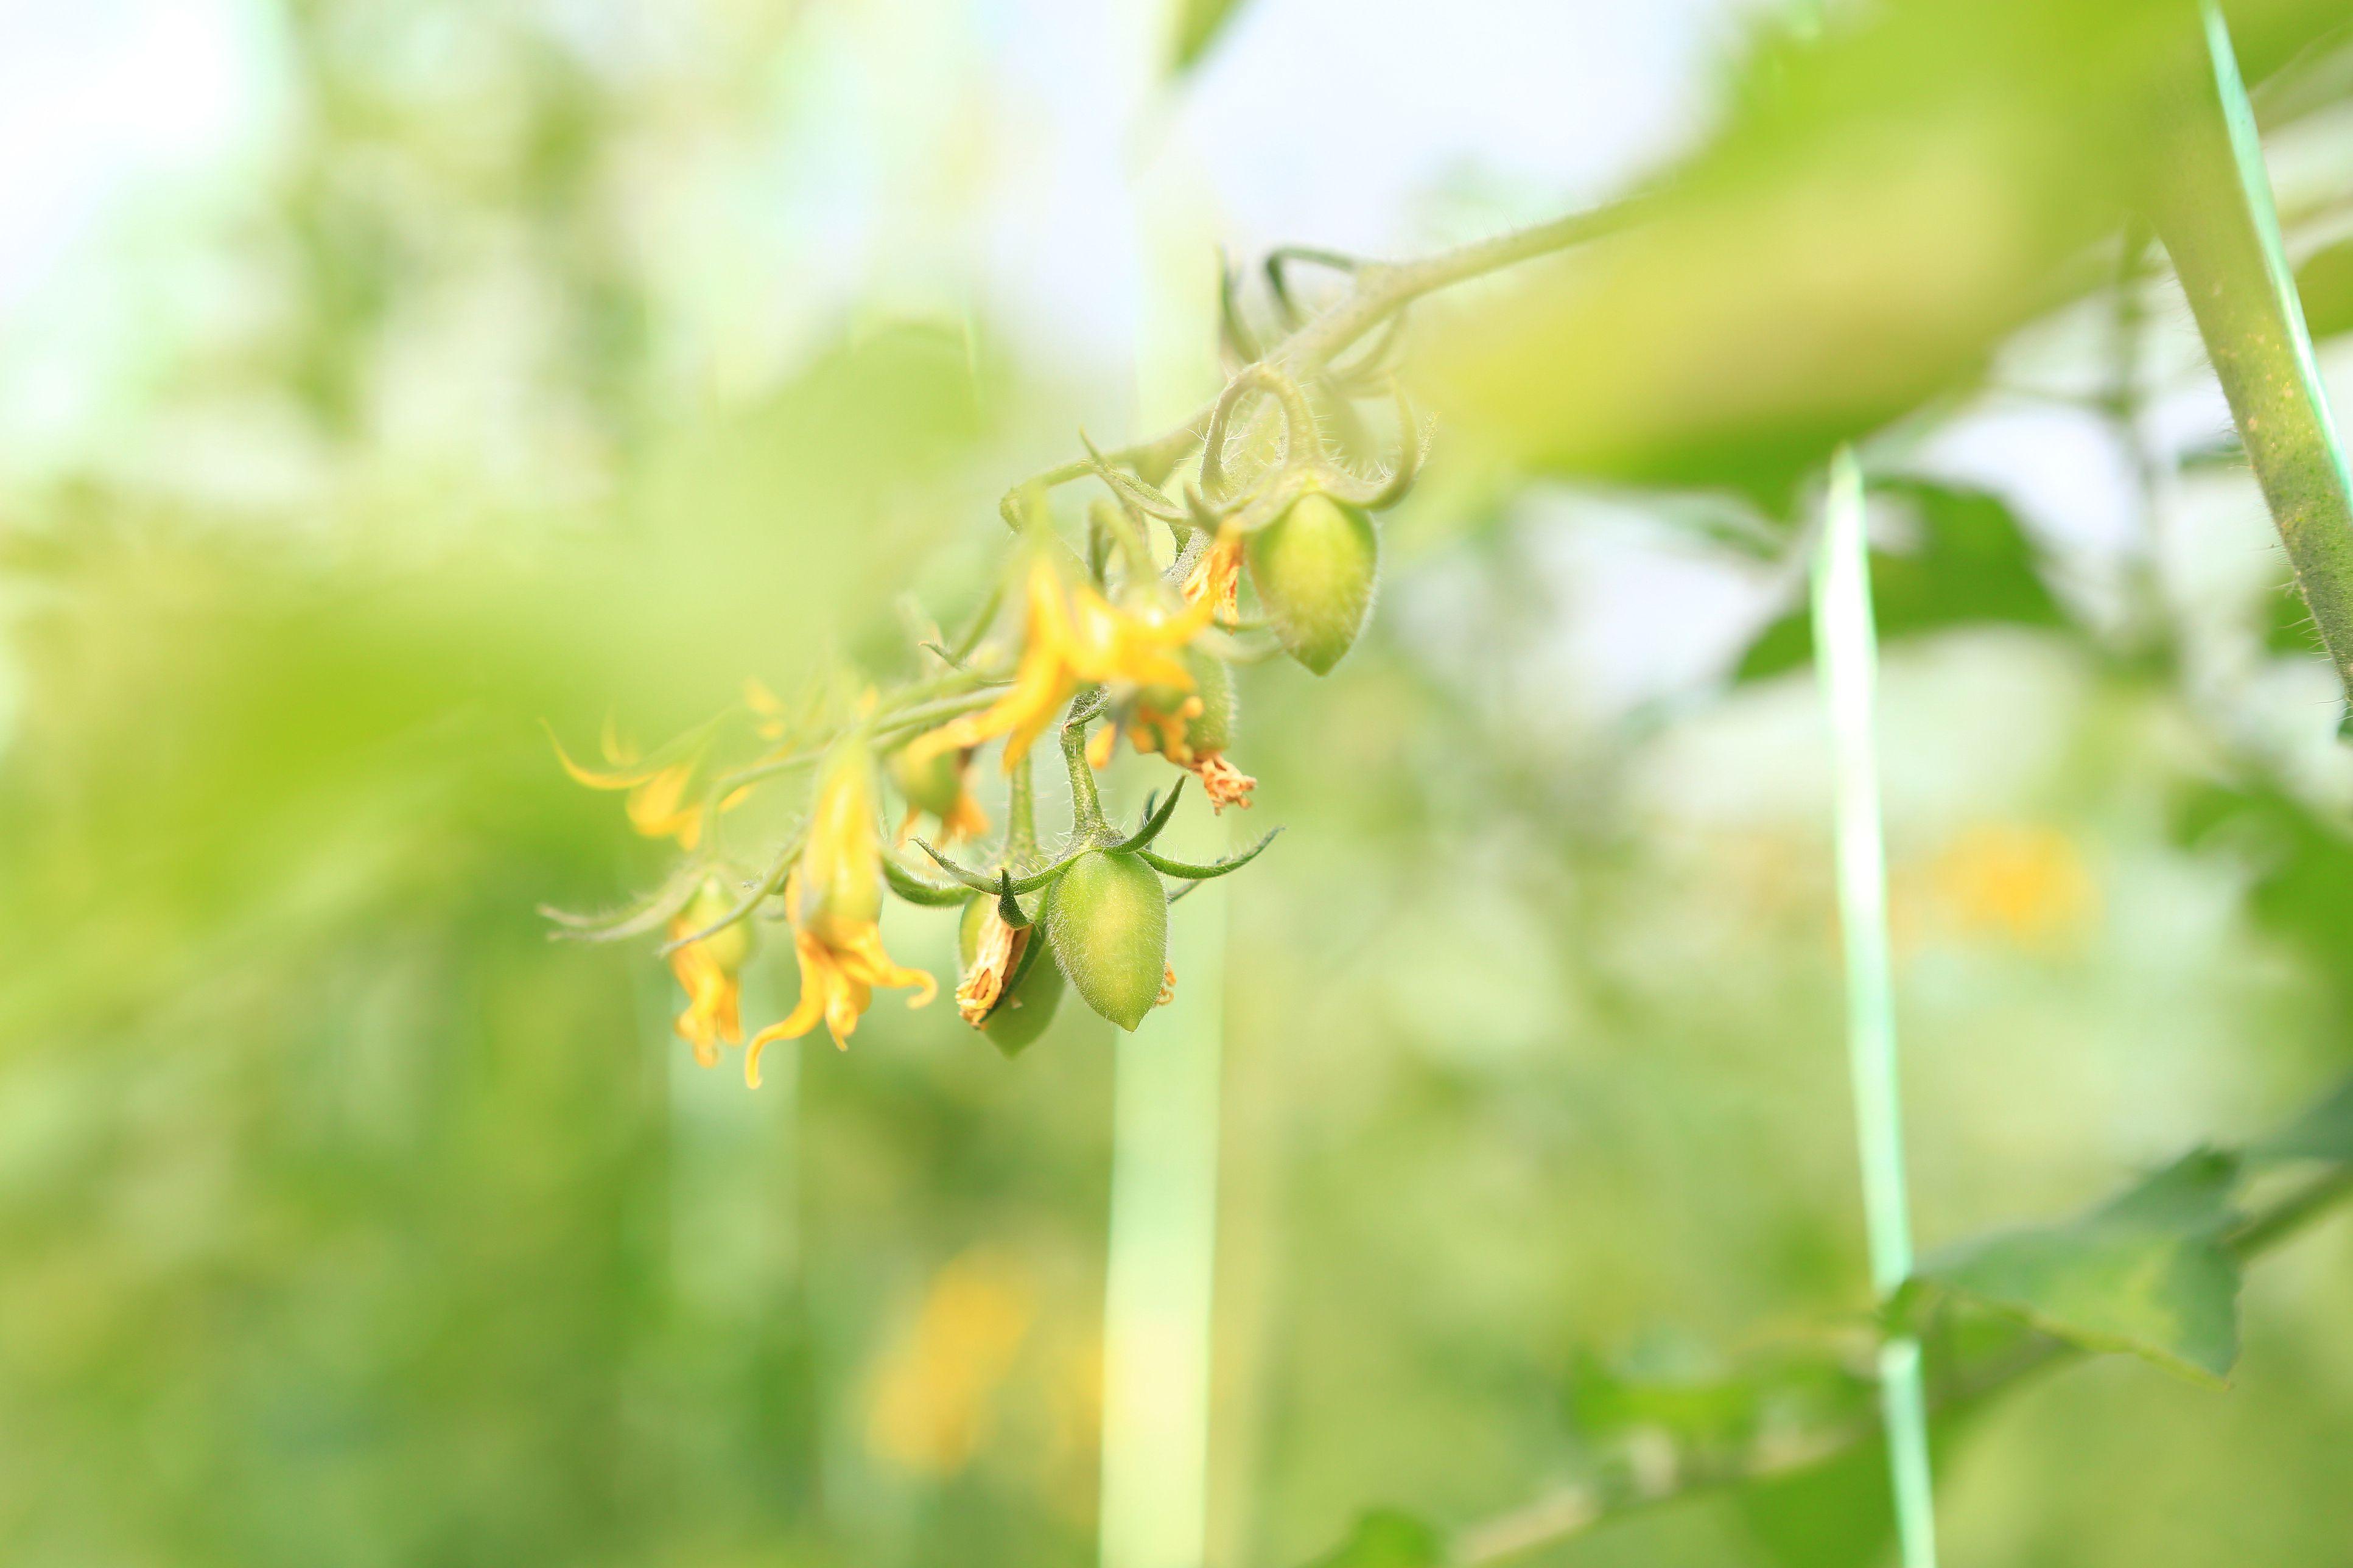 Controlling Tomato Blossom Drop